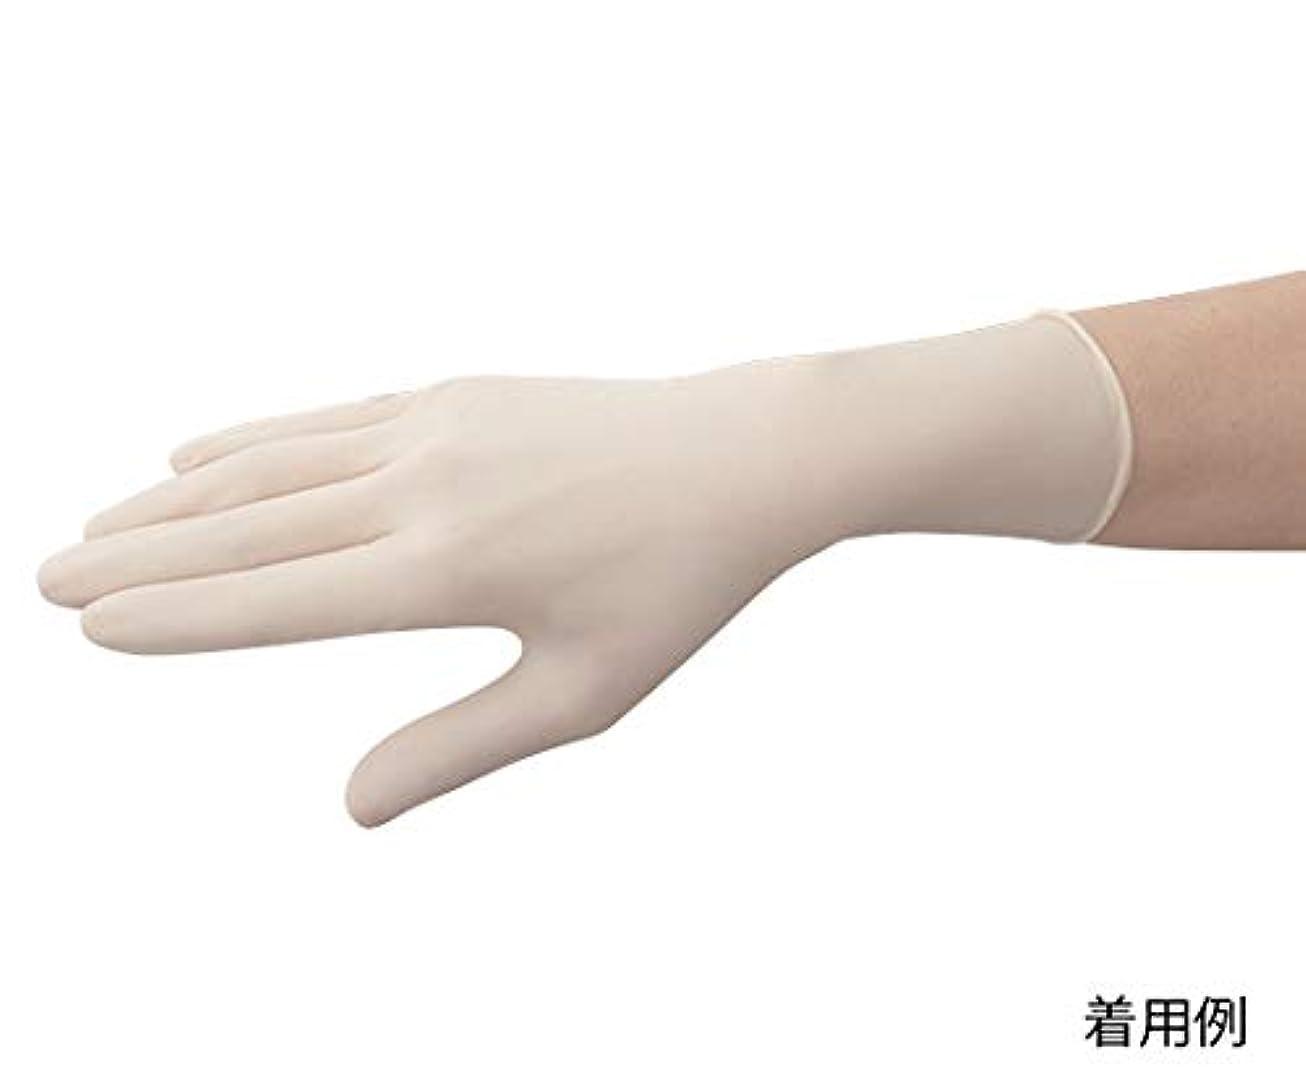 サルベージトレイル引き算東レ?メディカル 手術用手袋メディグリップ パウダーフリー50双 8155MG